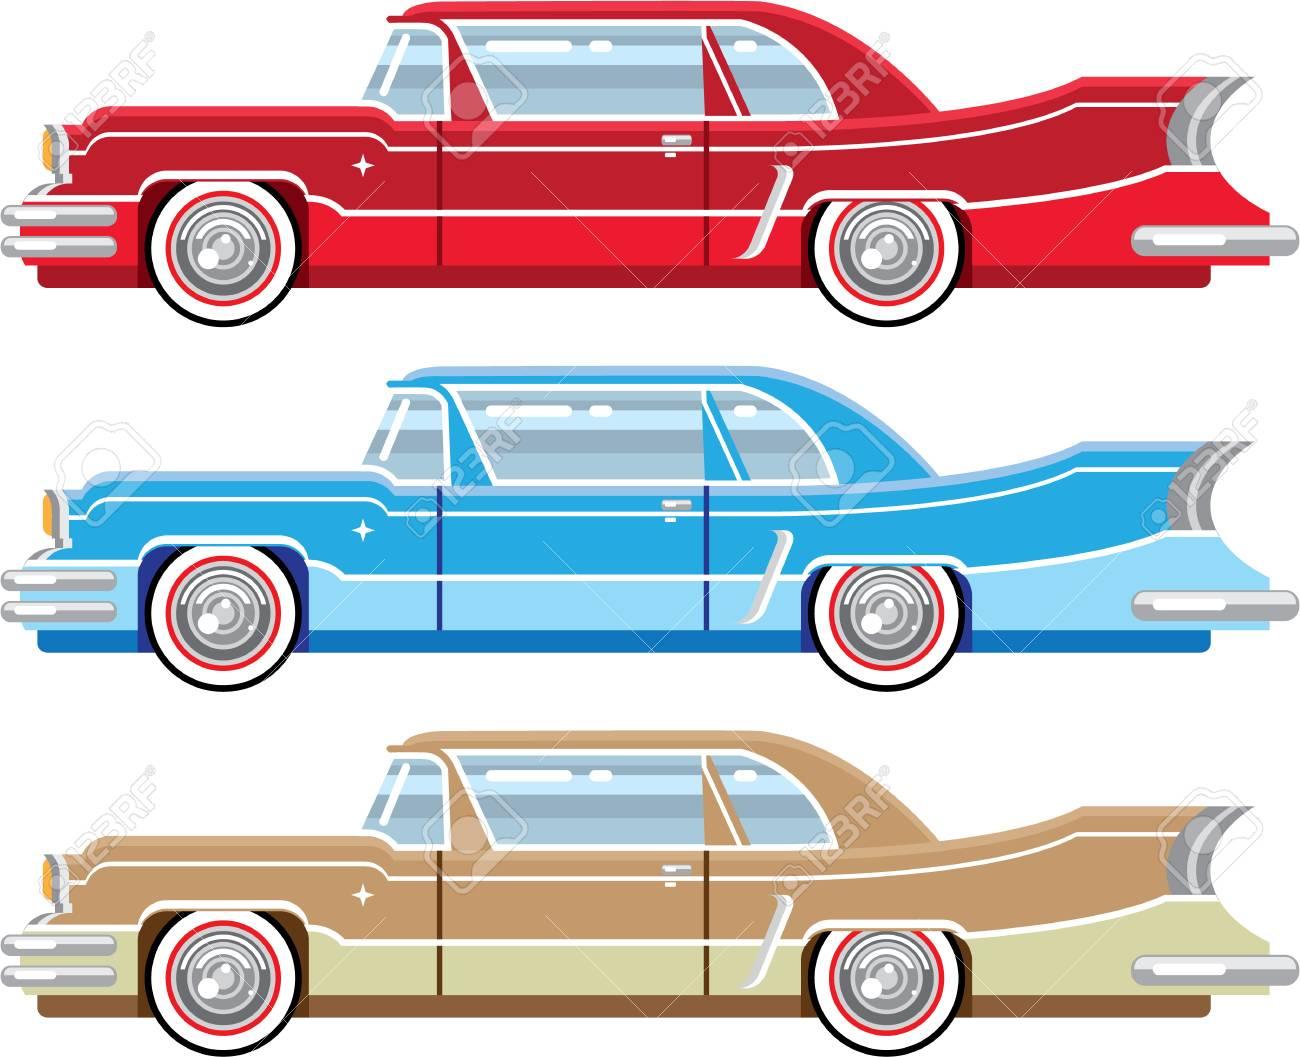 ビンテージ クラシックカー ベクトル イラスト クリップ アート イメージ